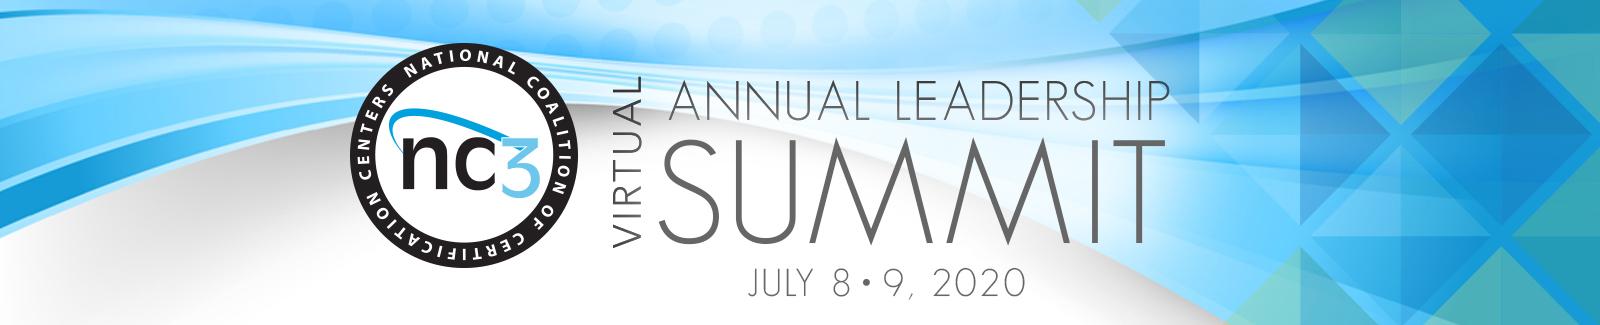 Leadership-website-banner-virtual-2020-3